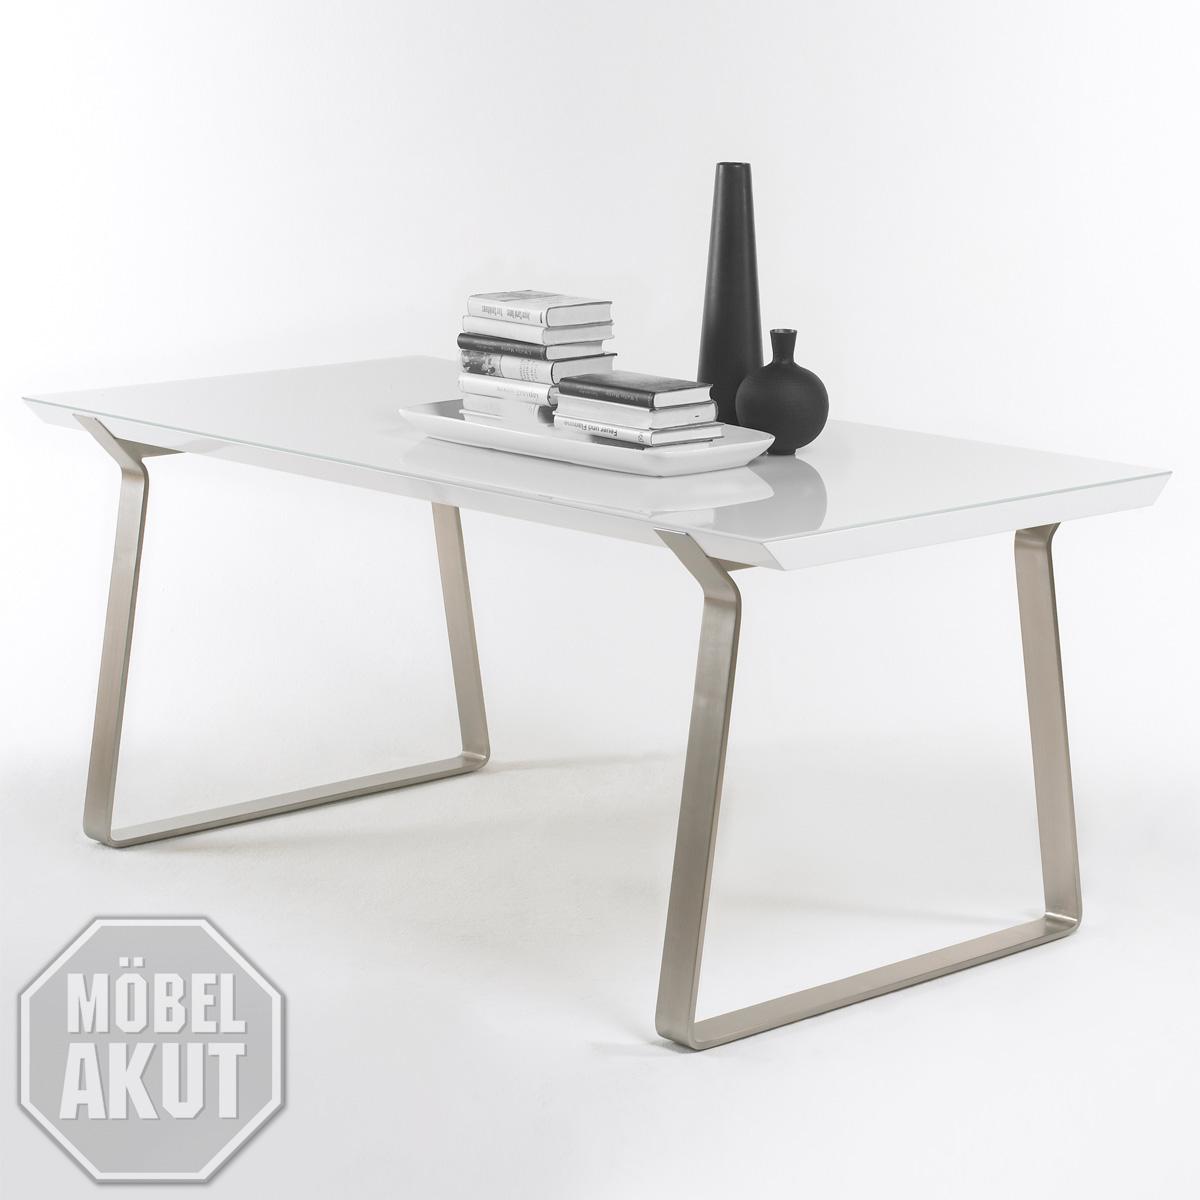 esstisch gambo tisch in wei hochglanz lack glas rein wei lackiert 160 cm ebay. Black Bedroom Furniture Sets. Home Design Ideas